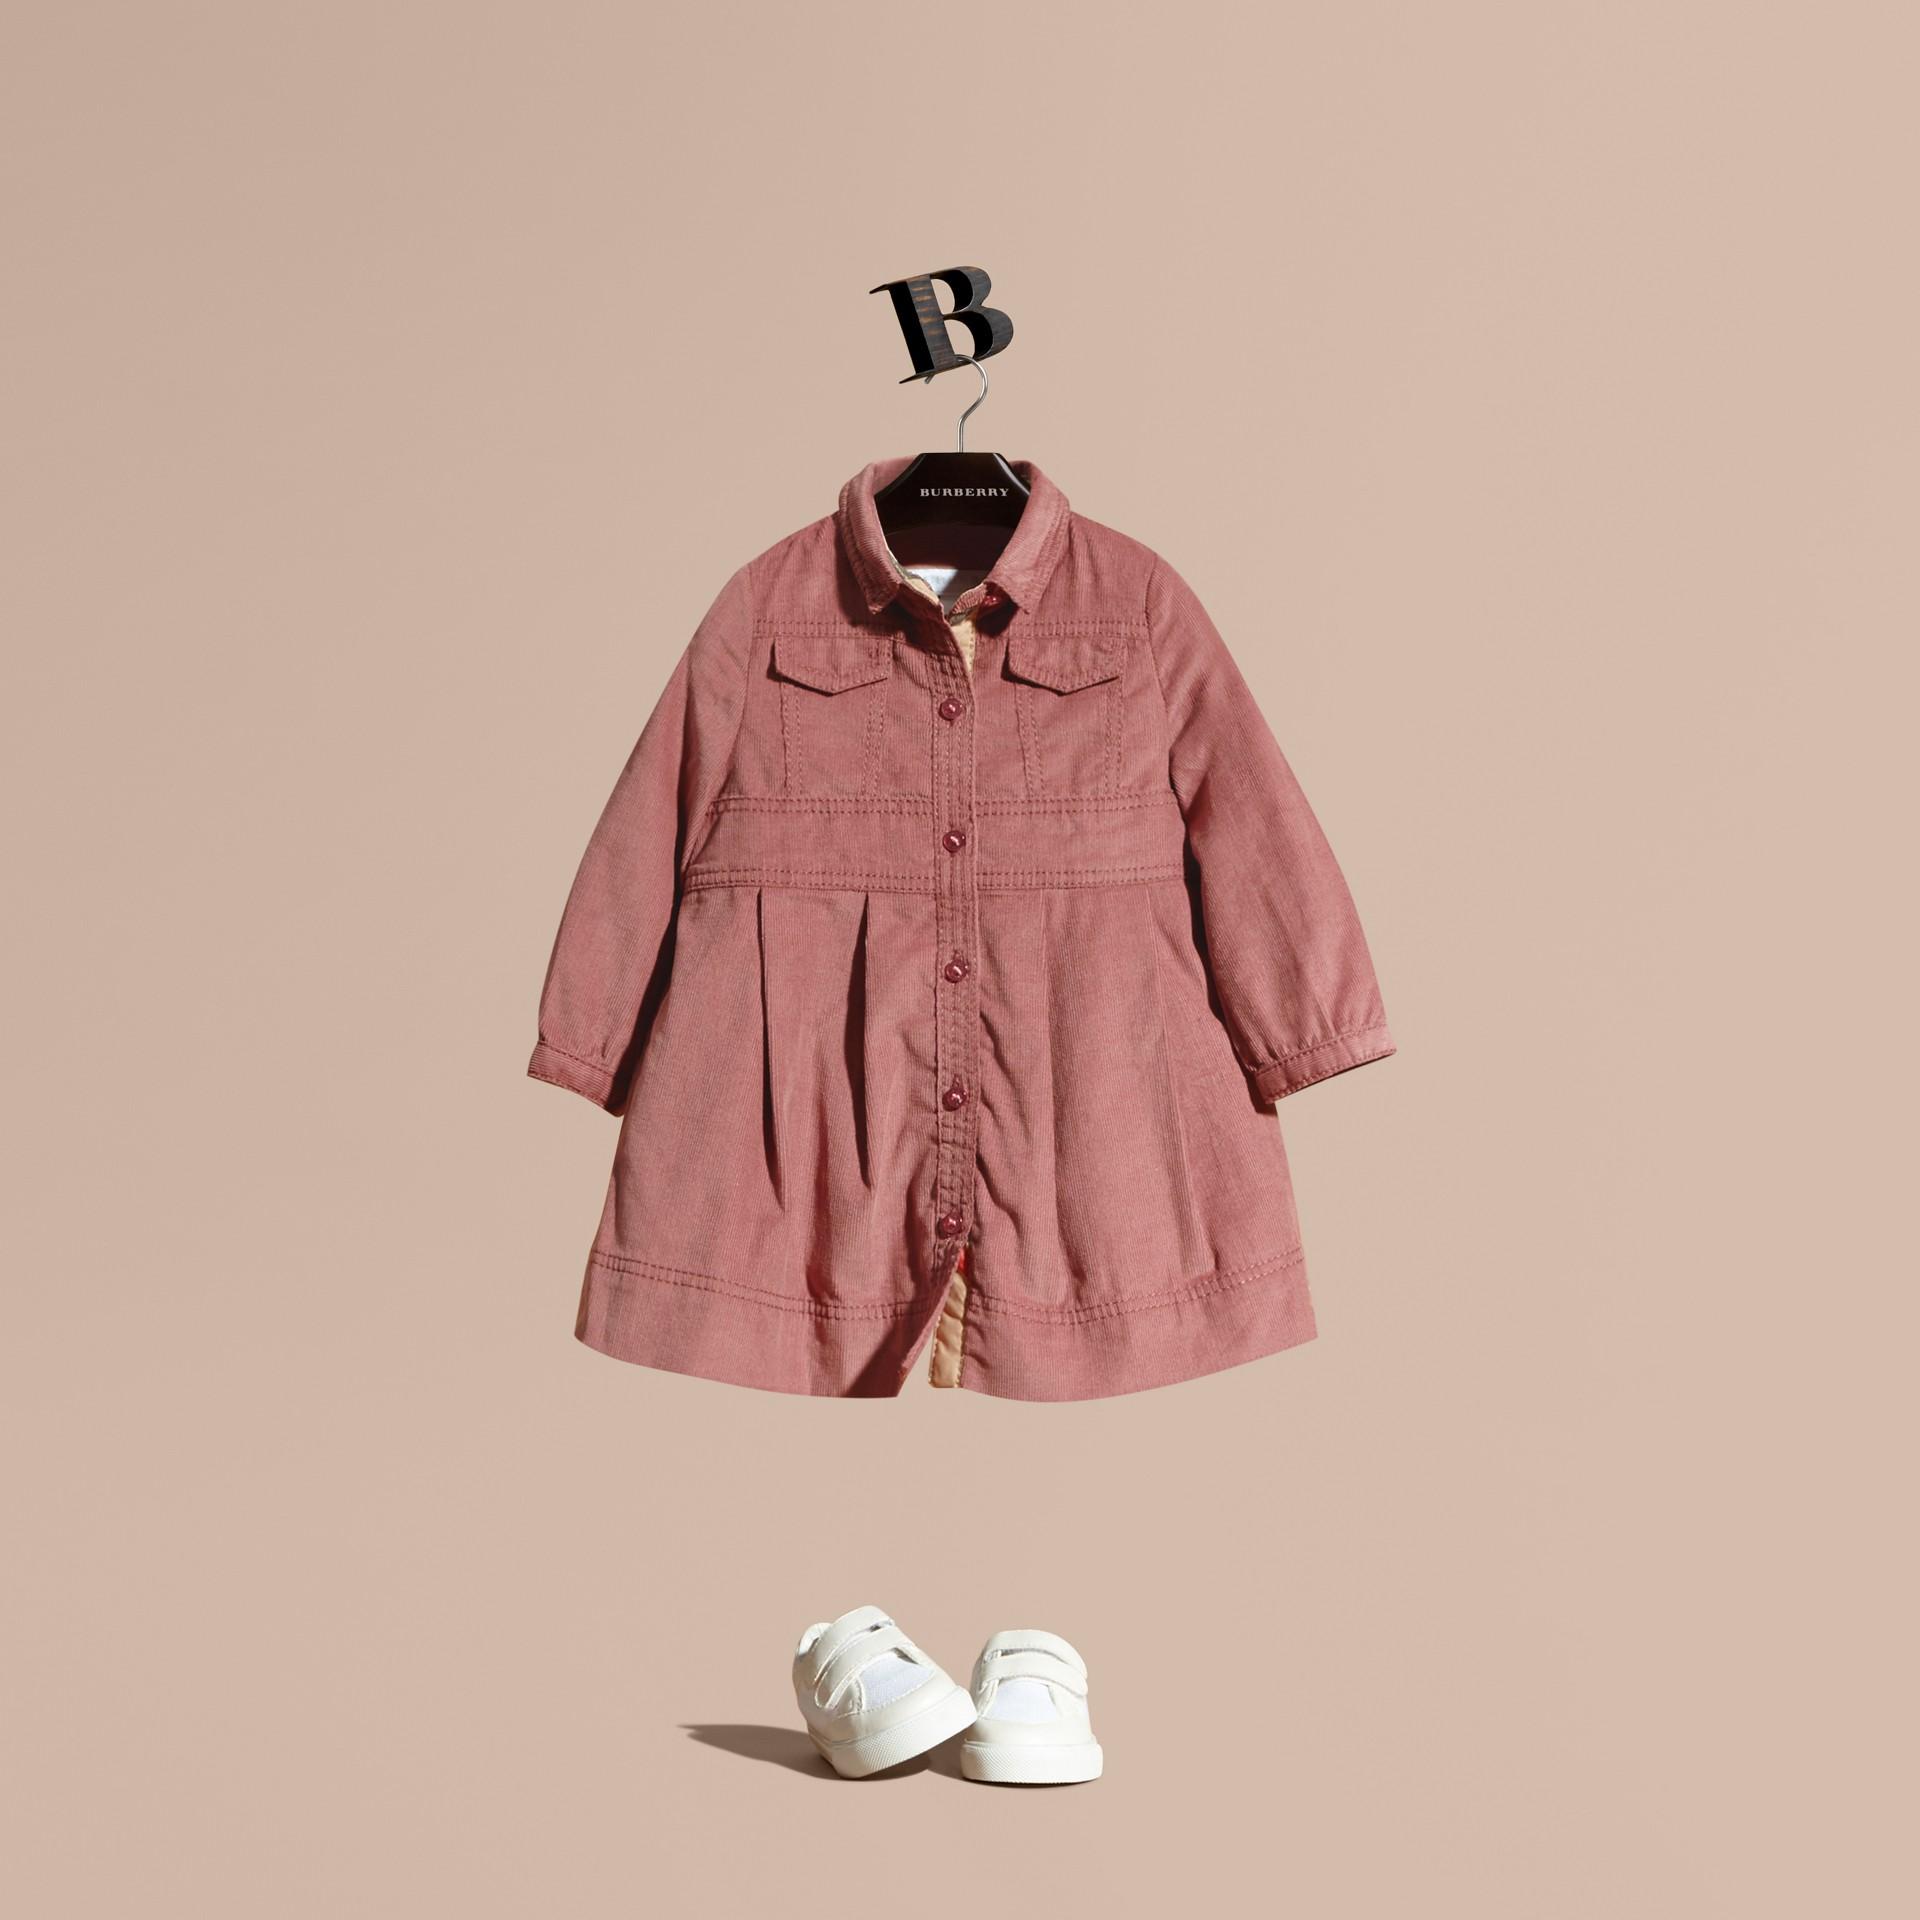 Rosa cenere pallido Abito chemisier in corduroy di cotone Rosa Cenere Pallido - immagine della galleria 1